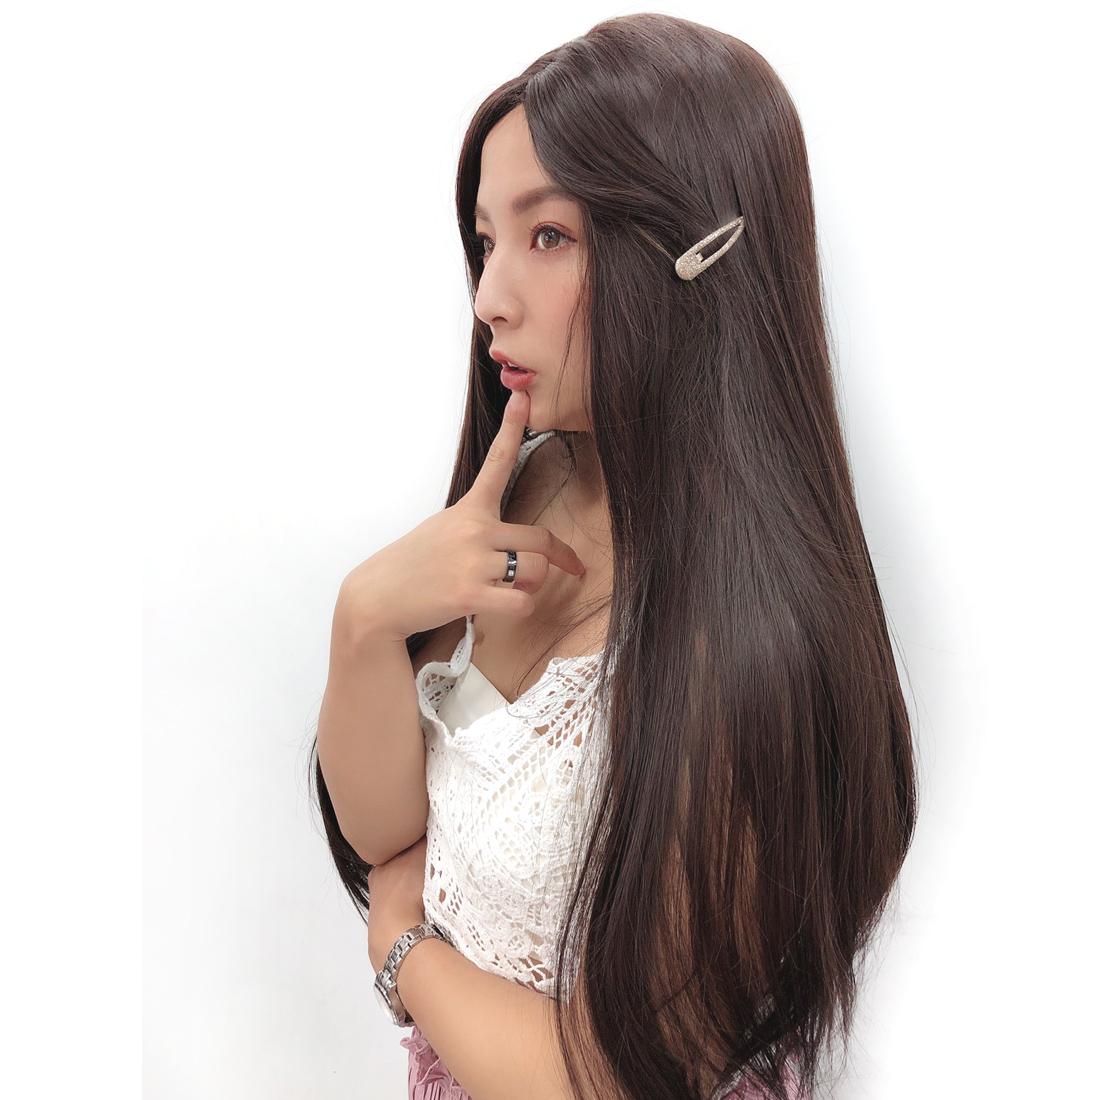 全頂假髮 阿拉丁公主髮型 無瀏海 長直髮 C8222 魔髮樂